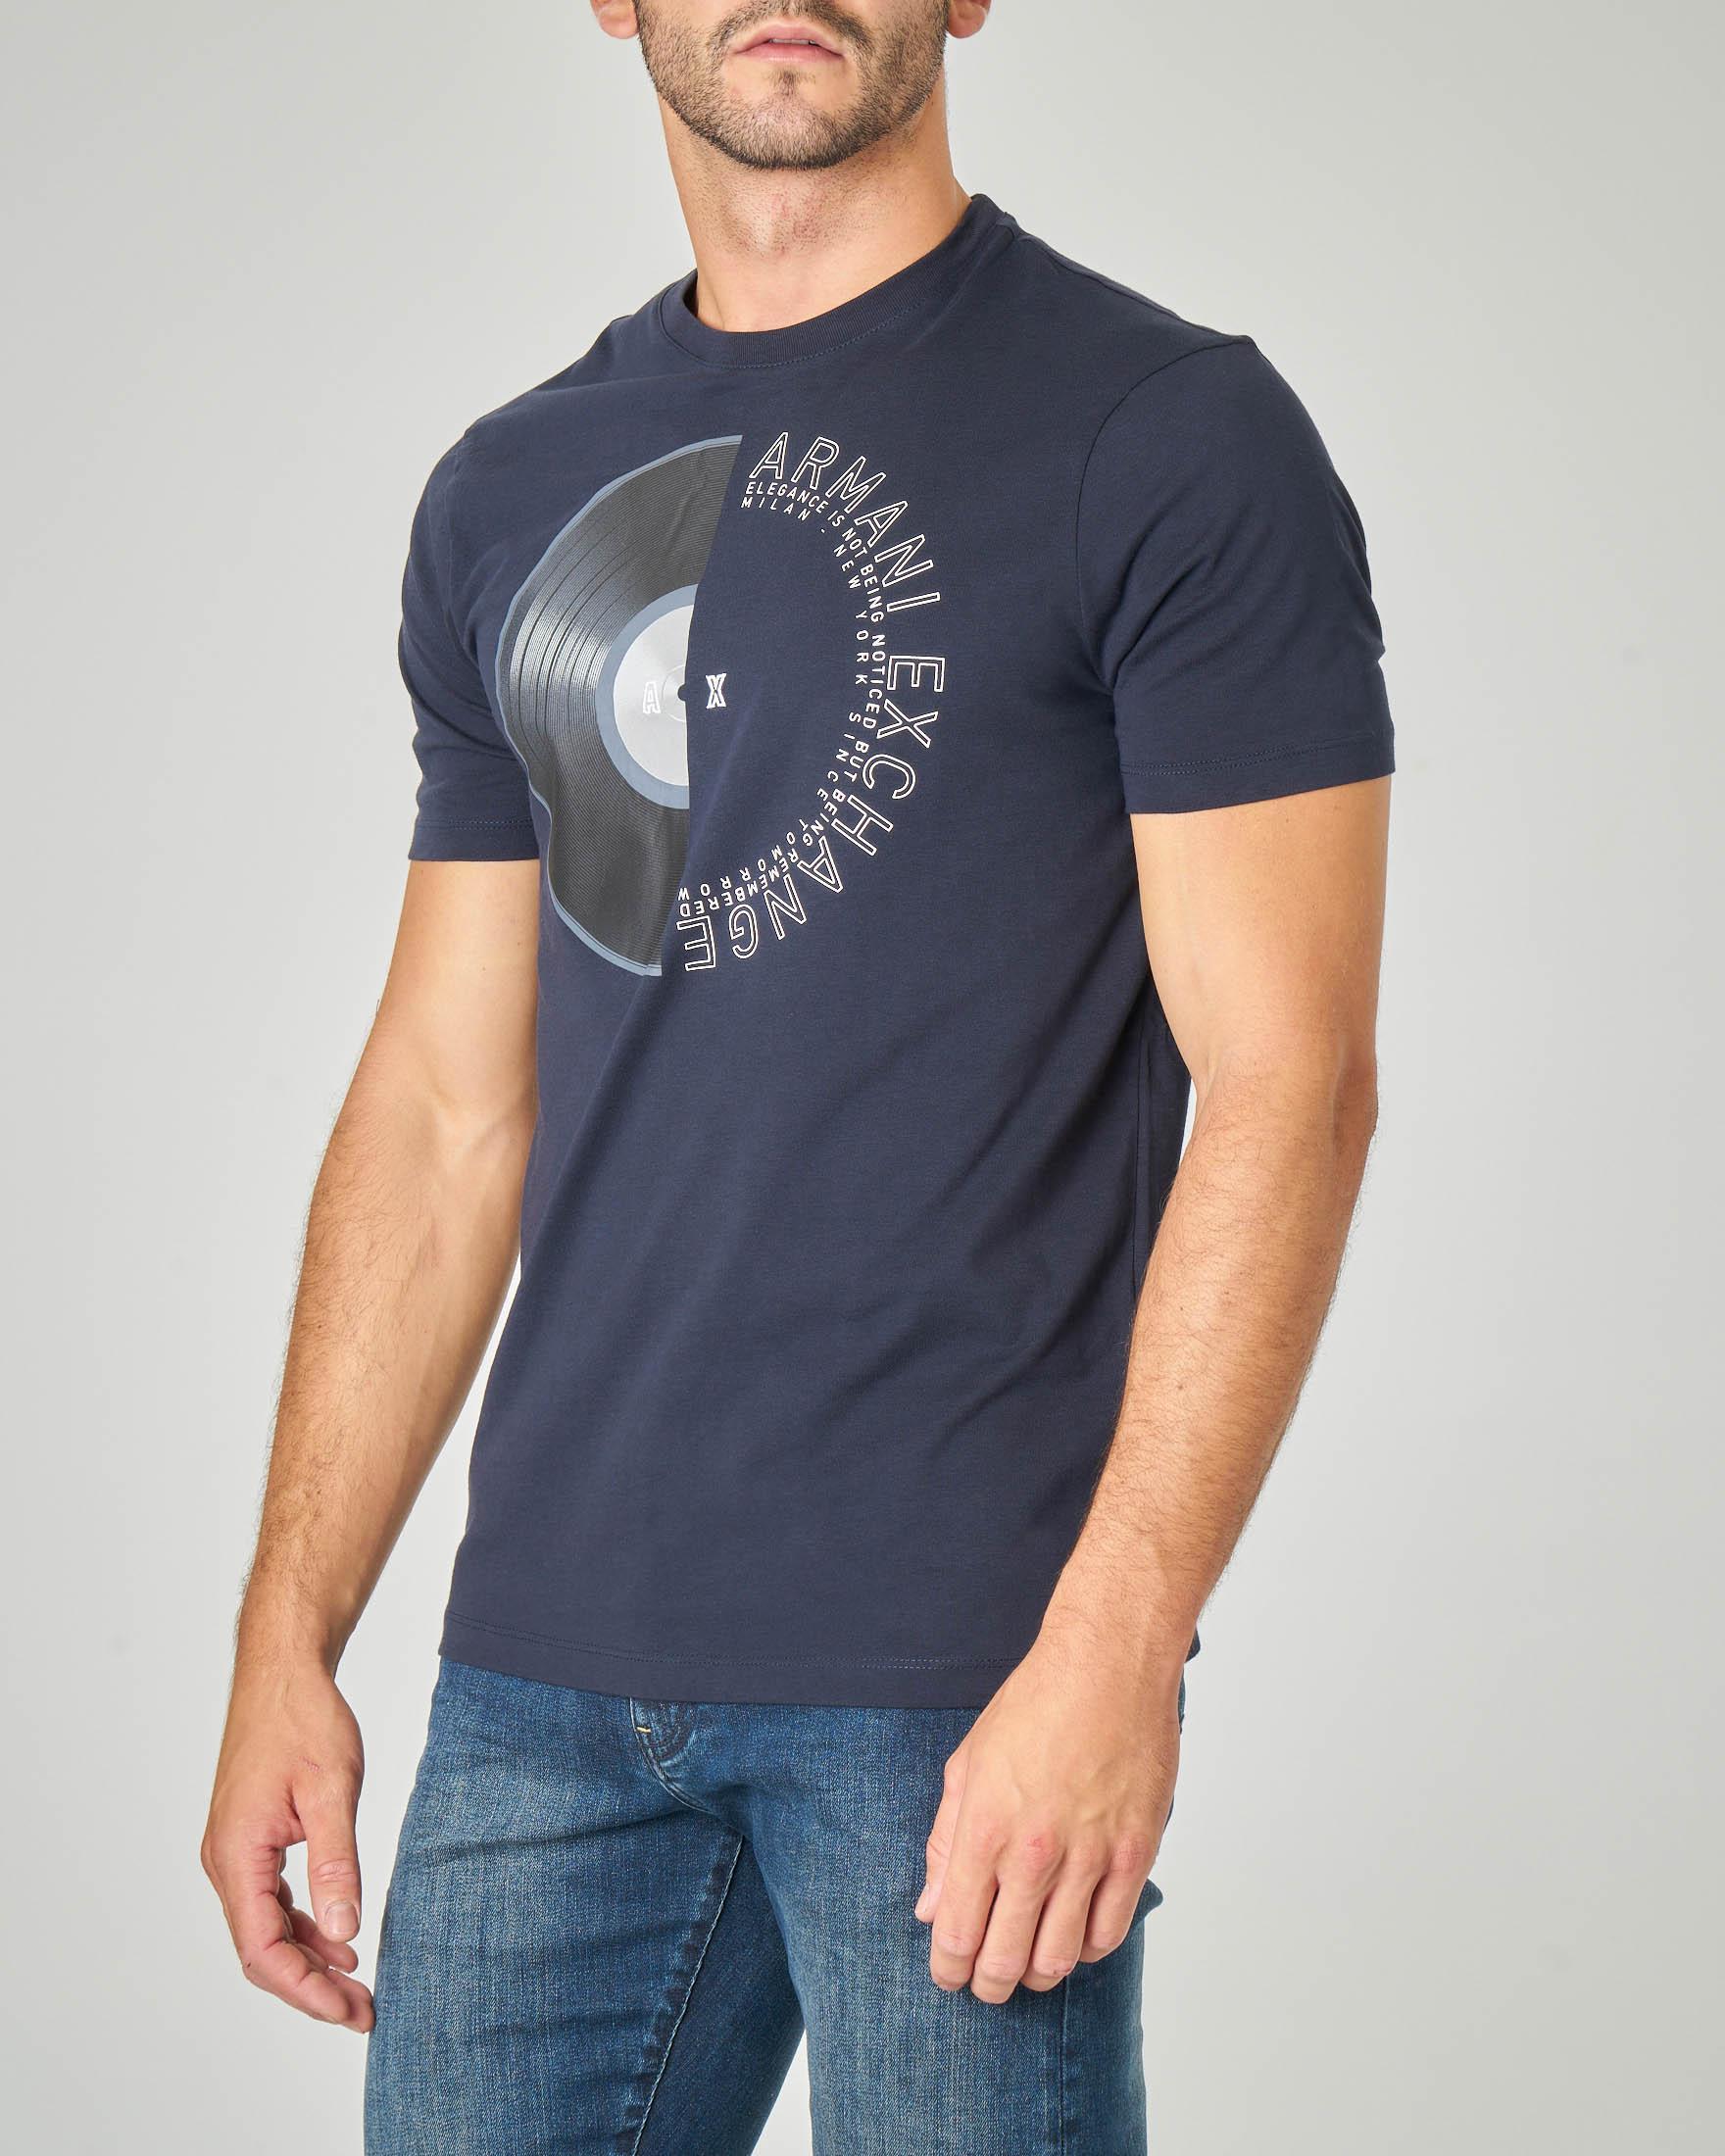 T-shirt mezza manica blu con stampa vinile e logo